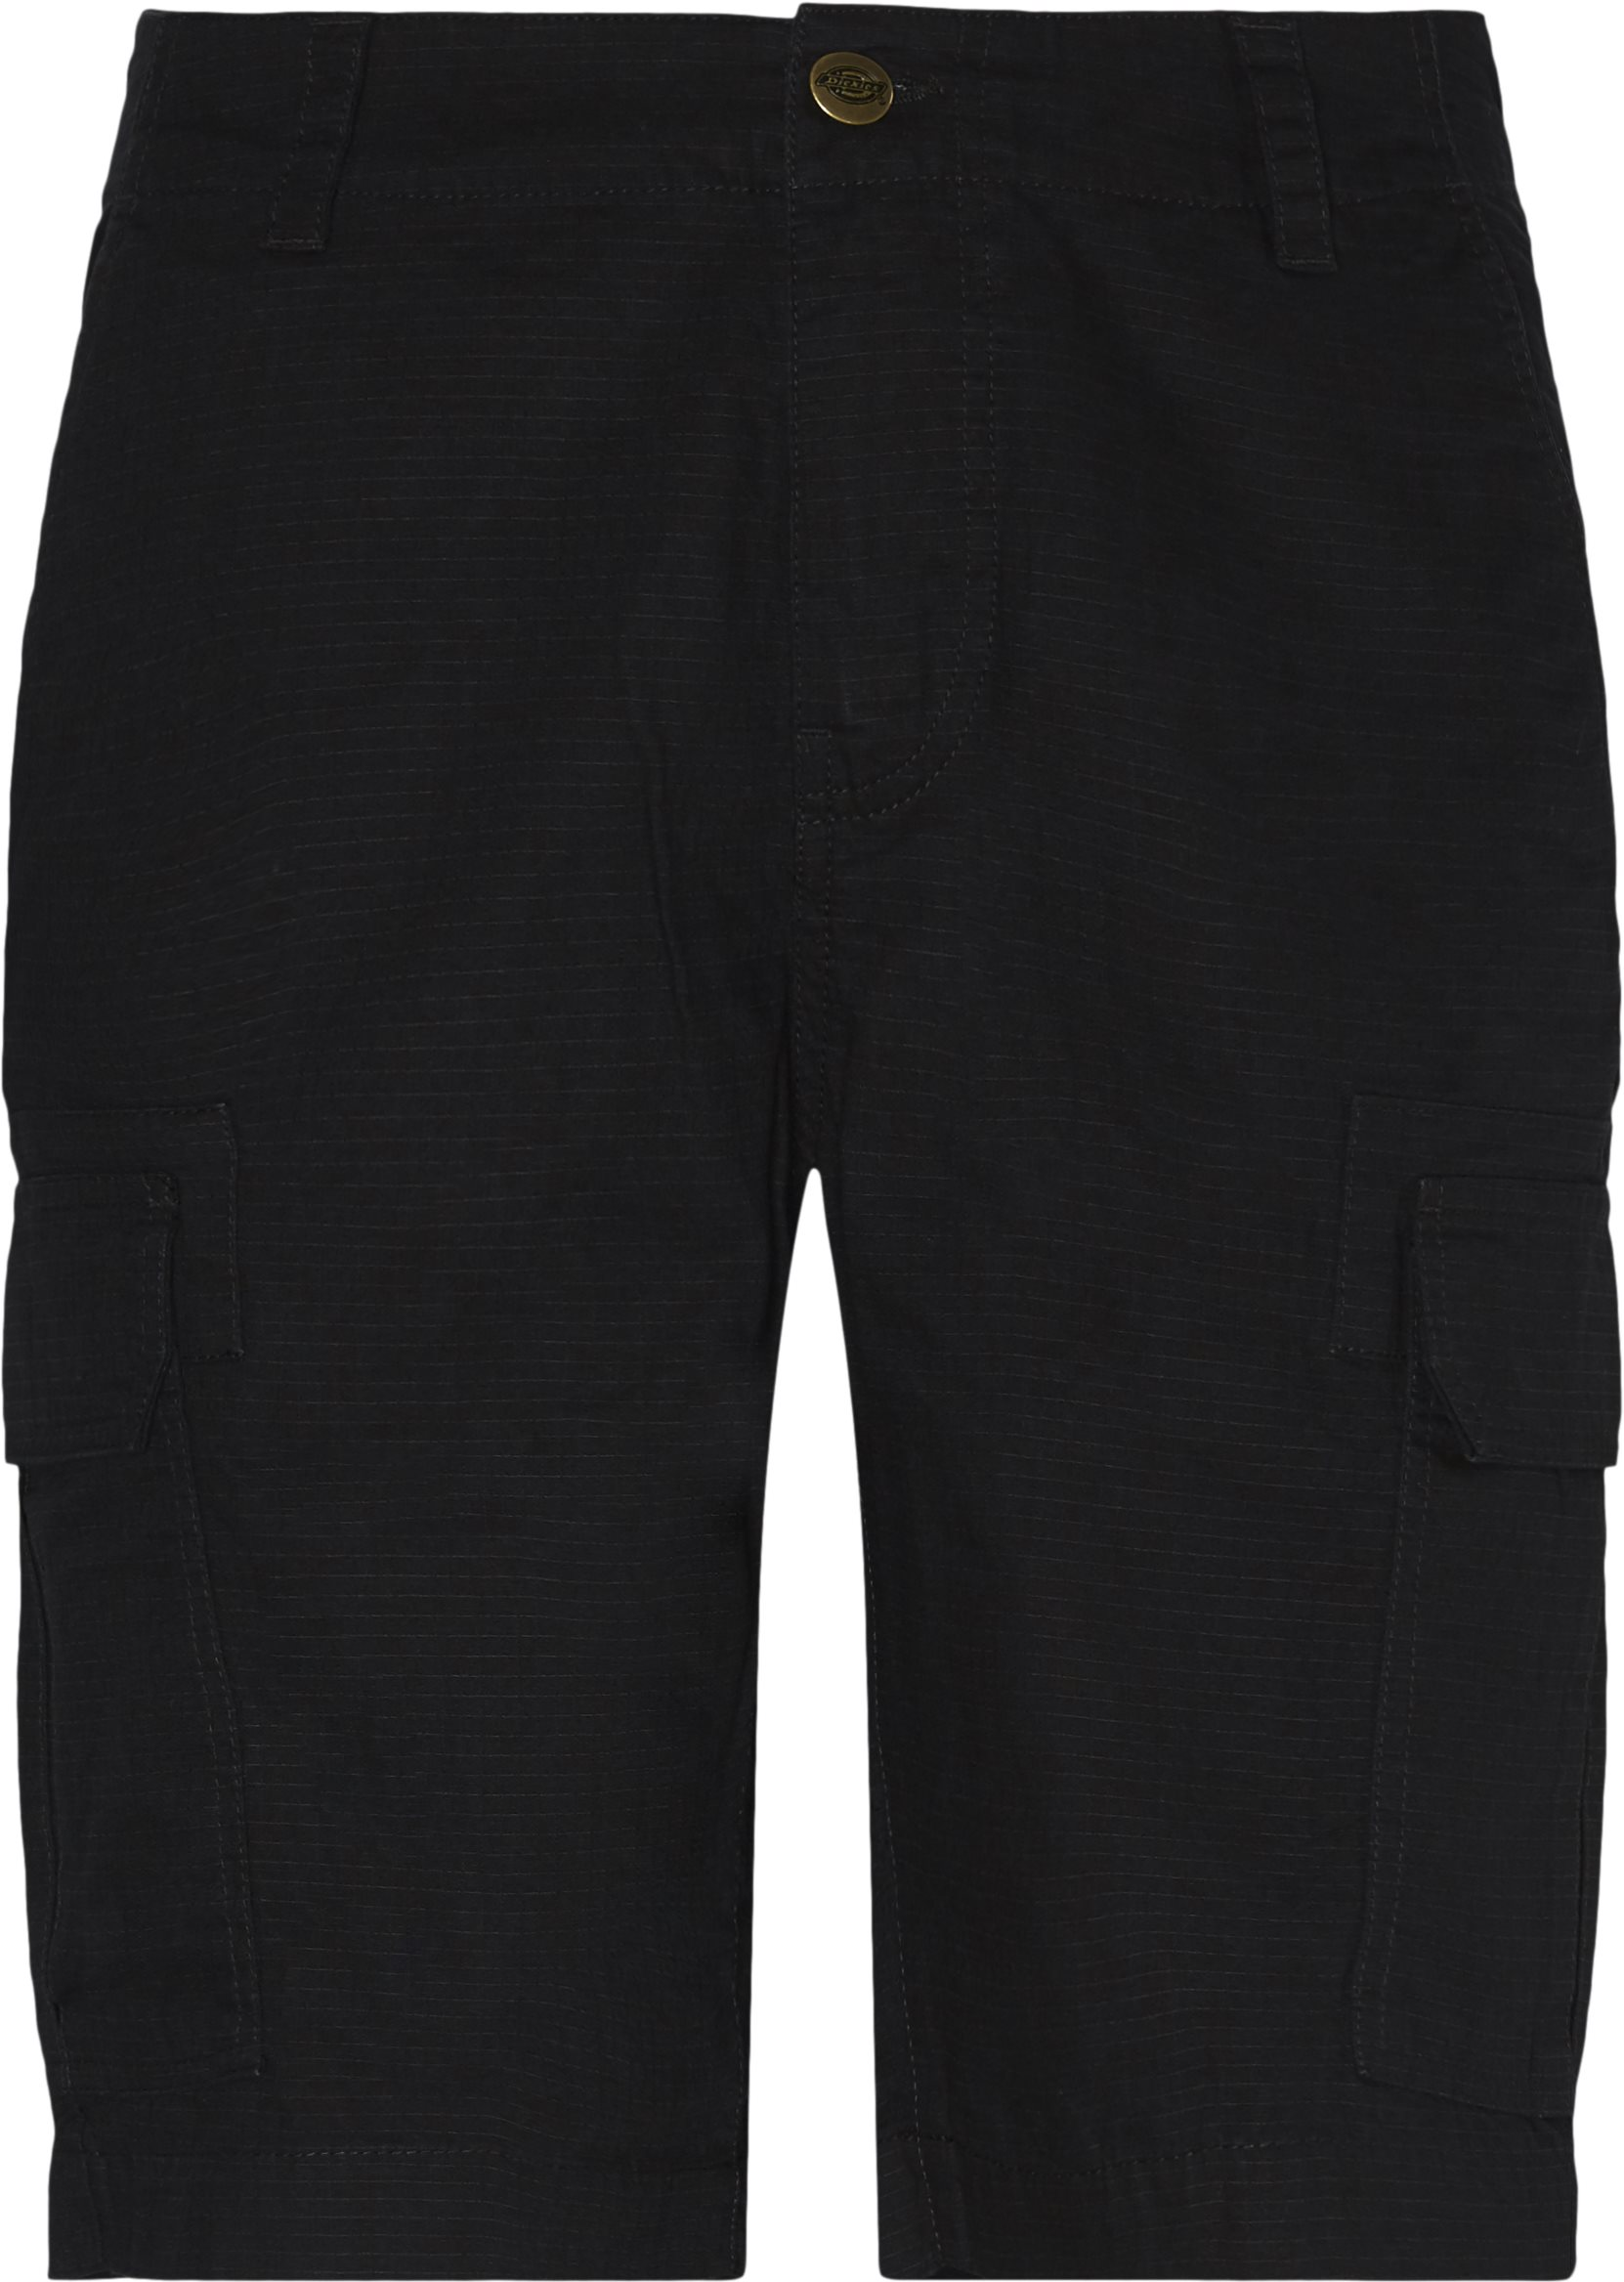 New York Shorts - Shorts - Regular - Sort